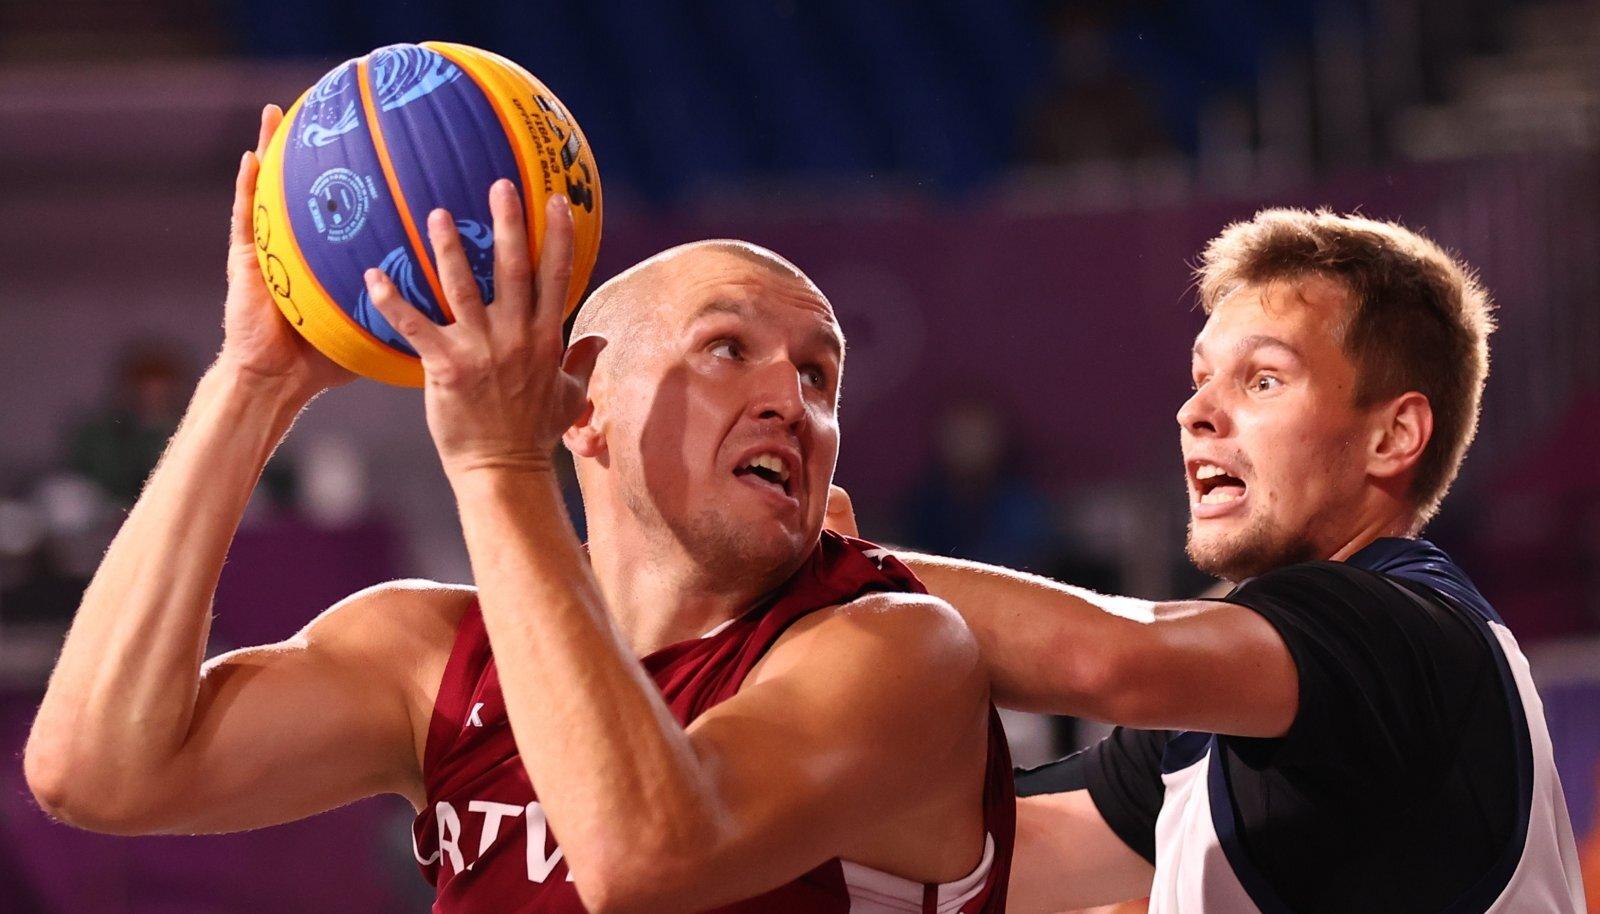 Kaks hooaega Valgas mänginud Edgars Kruminš kuulub koos Läti koondisega 3x3 korvpalli maailma tippu.